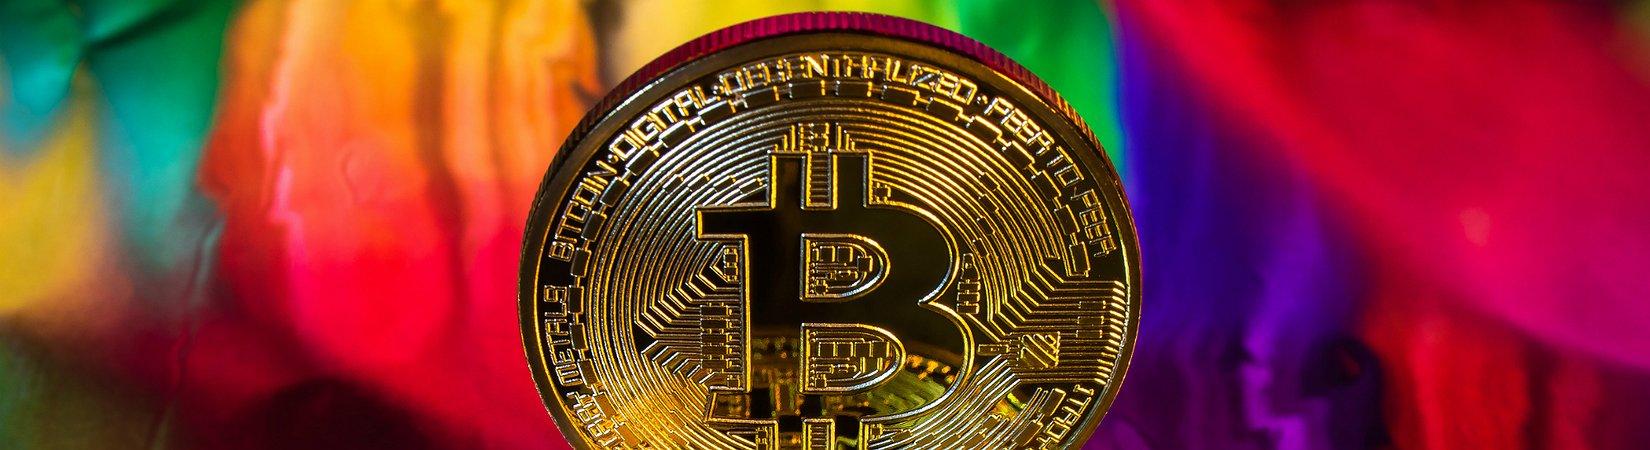 Saxo Bank: tra 10 anni ogni bitcoin varrà più di 100.000 $